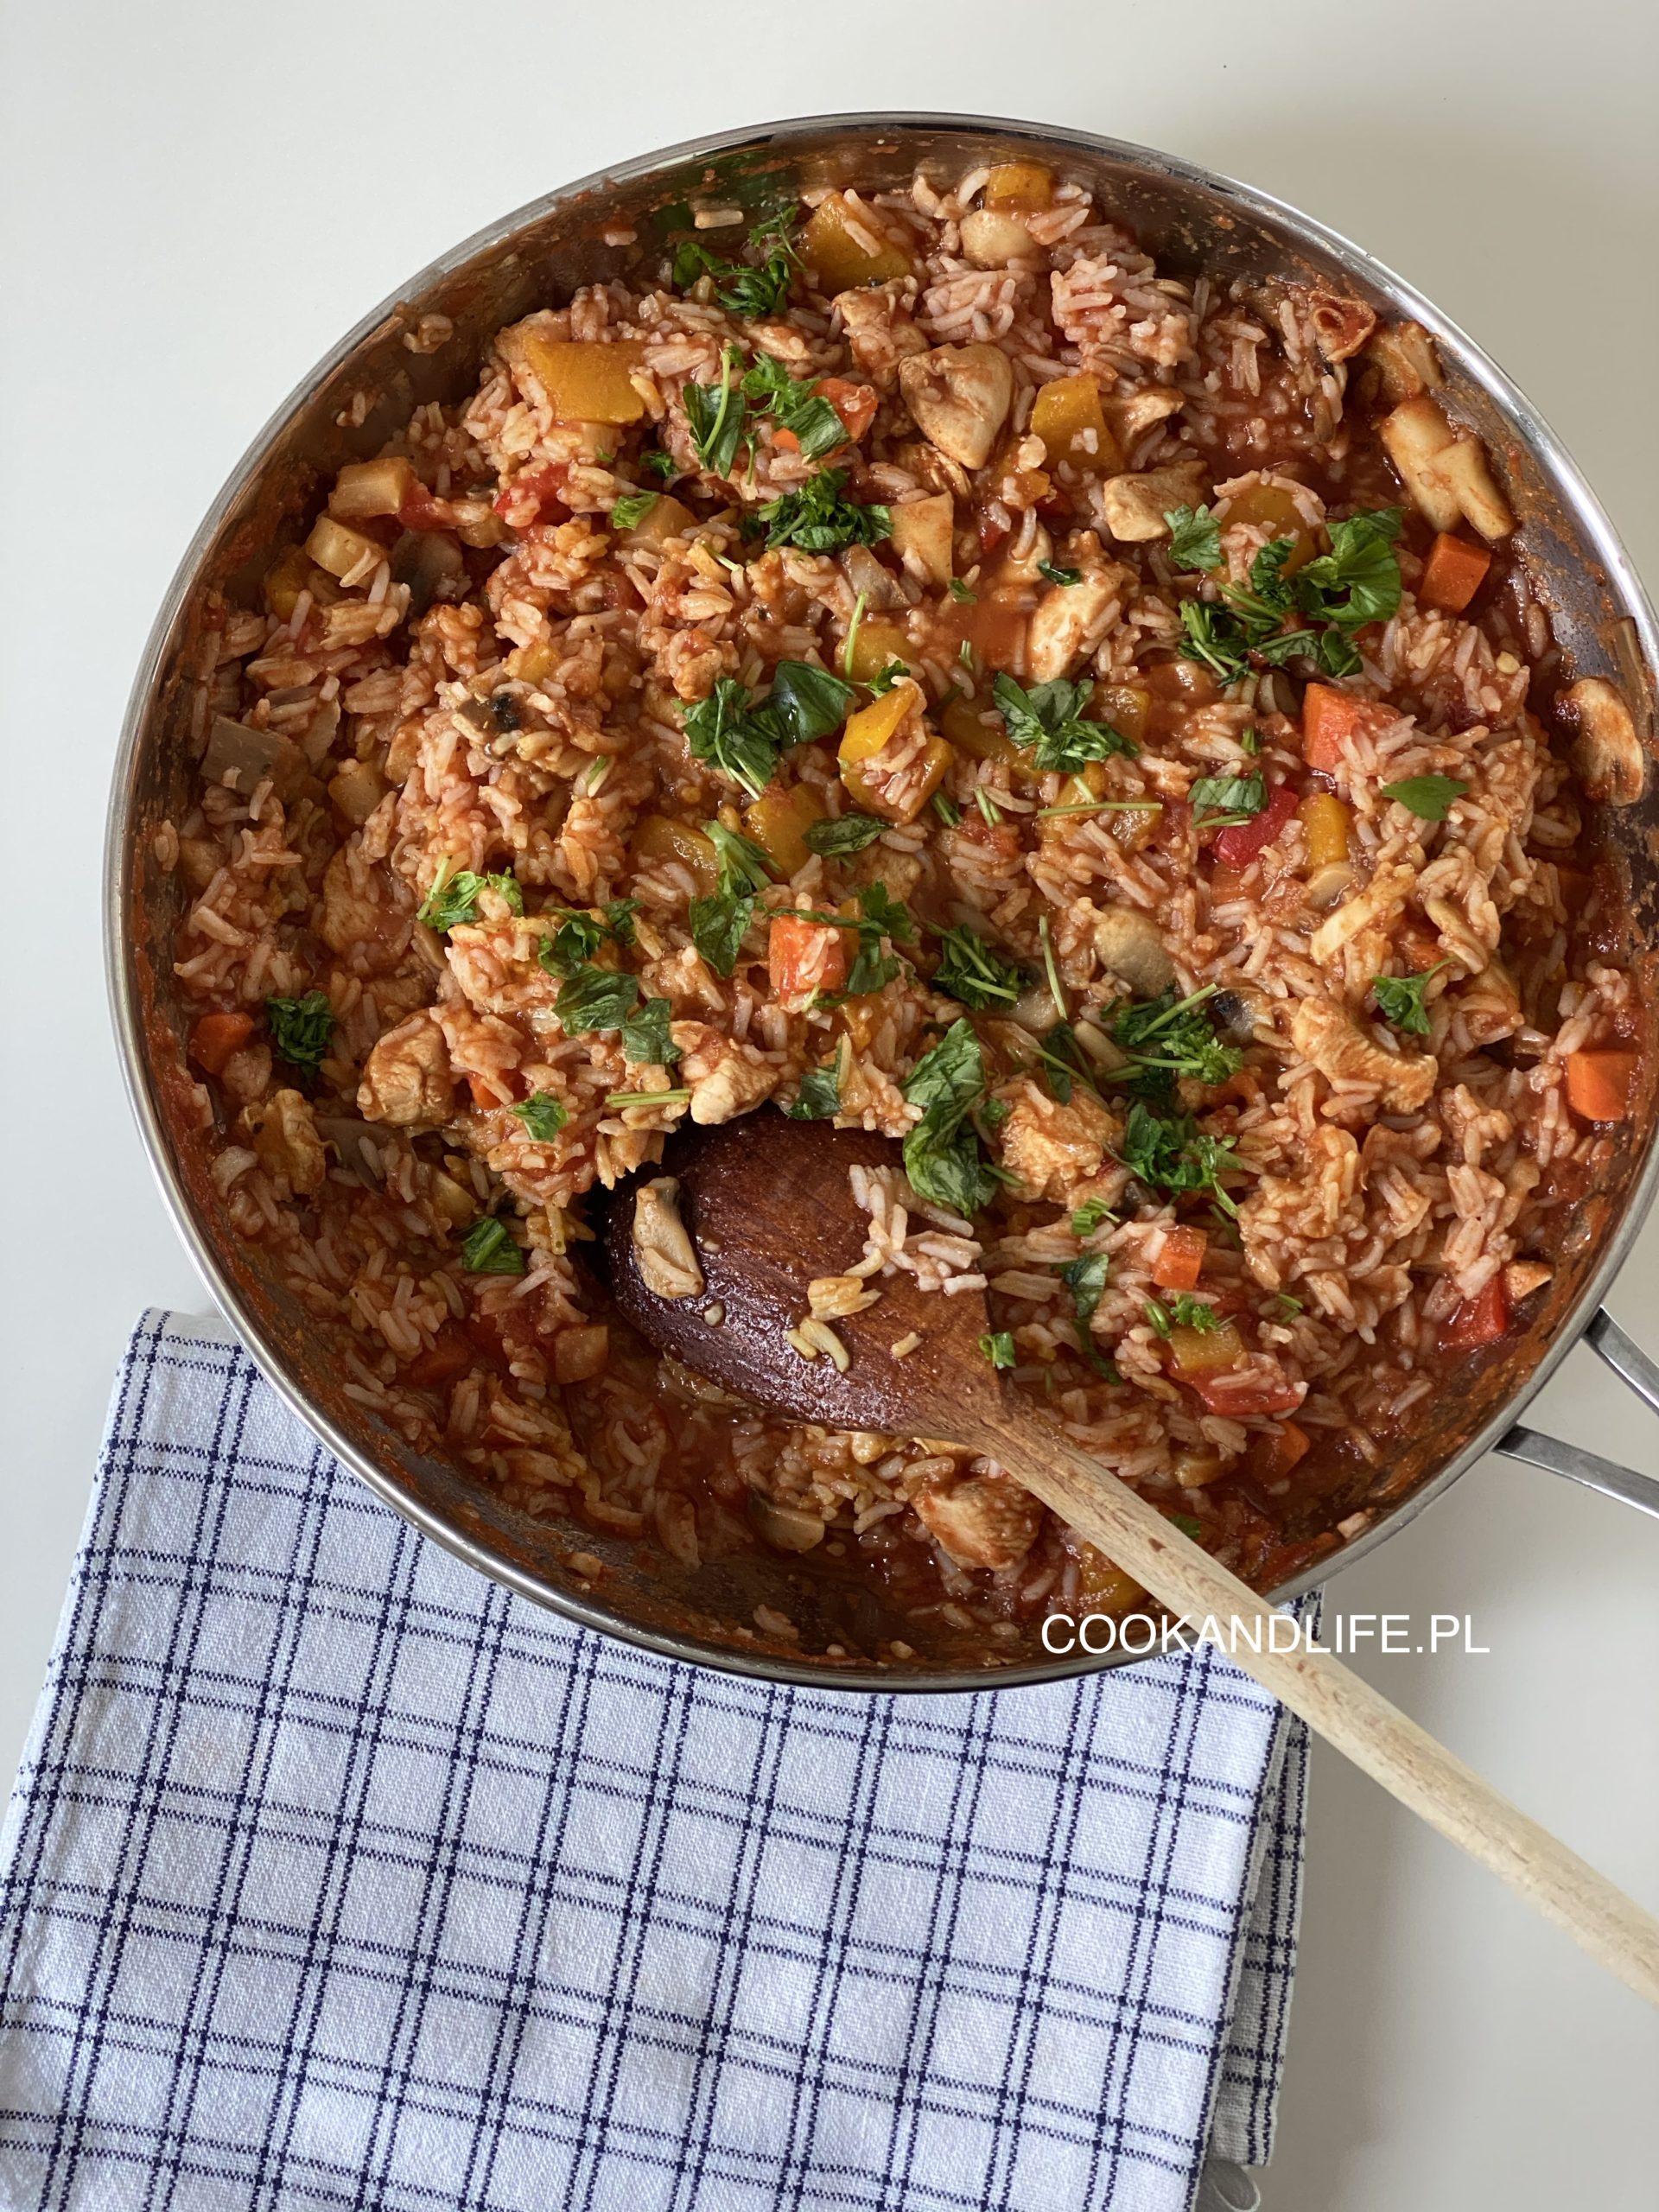 Risotto w sosie pomidorowym - przepis dla oszczędzających czas